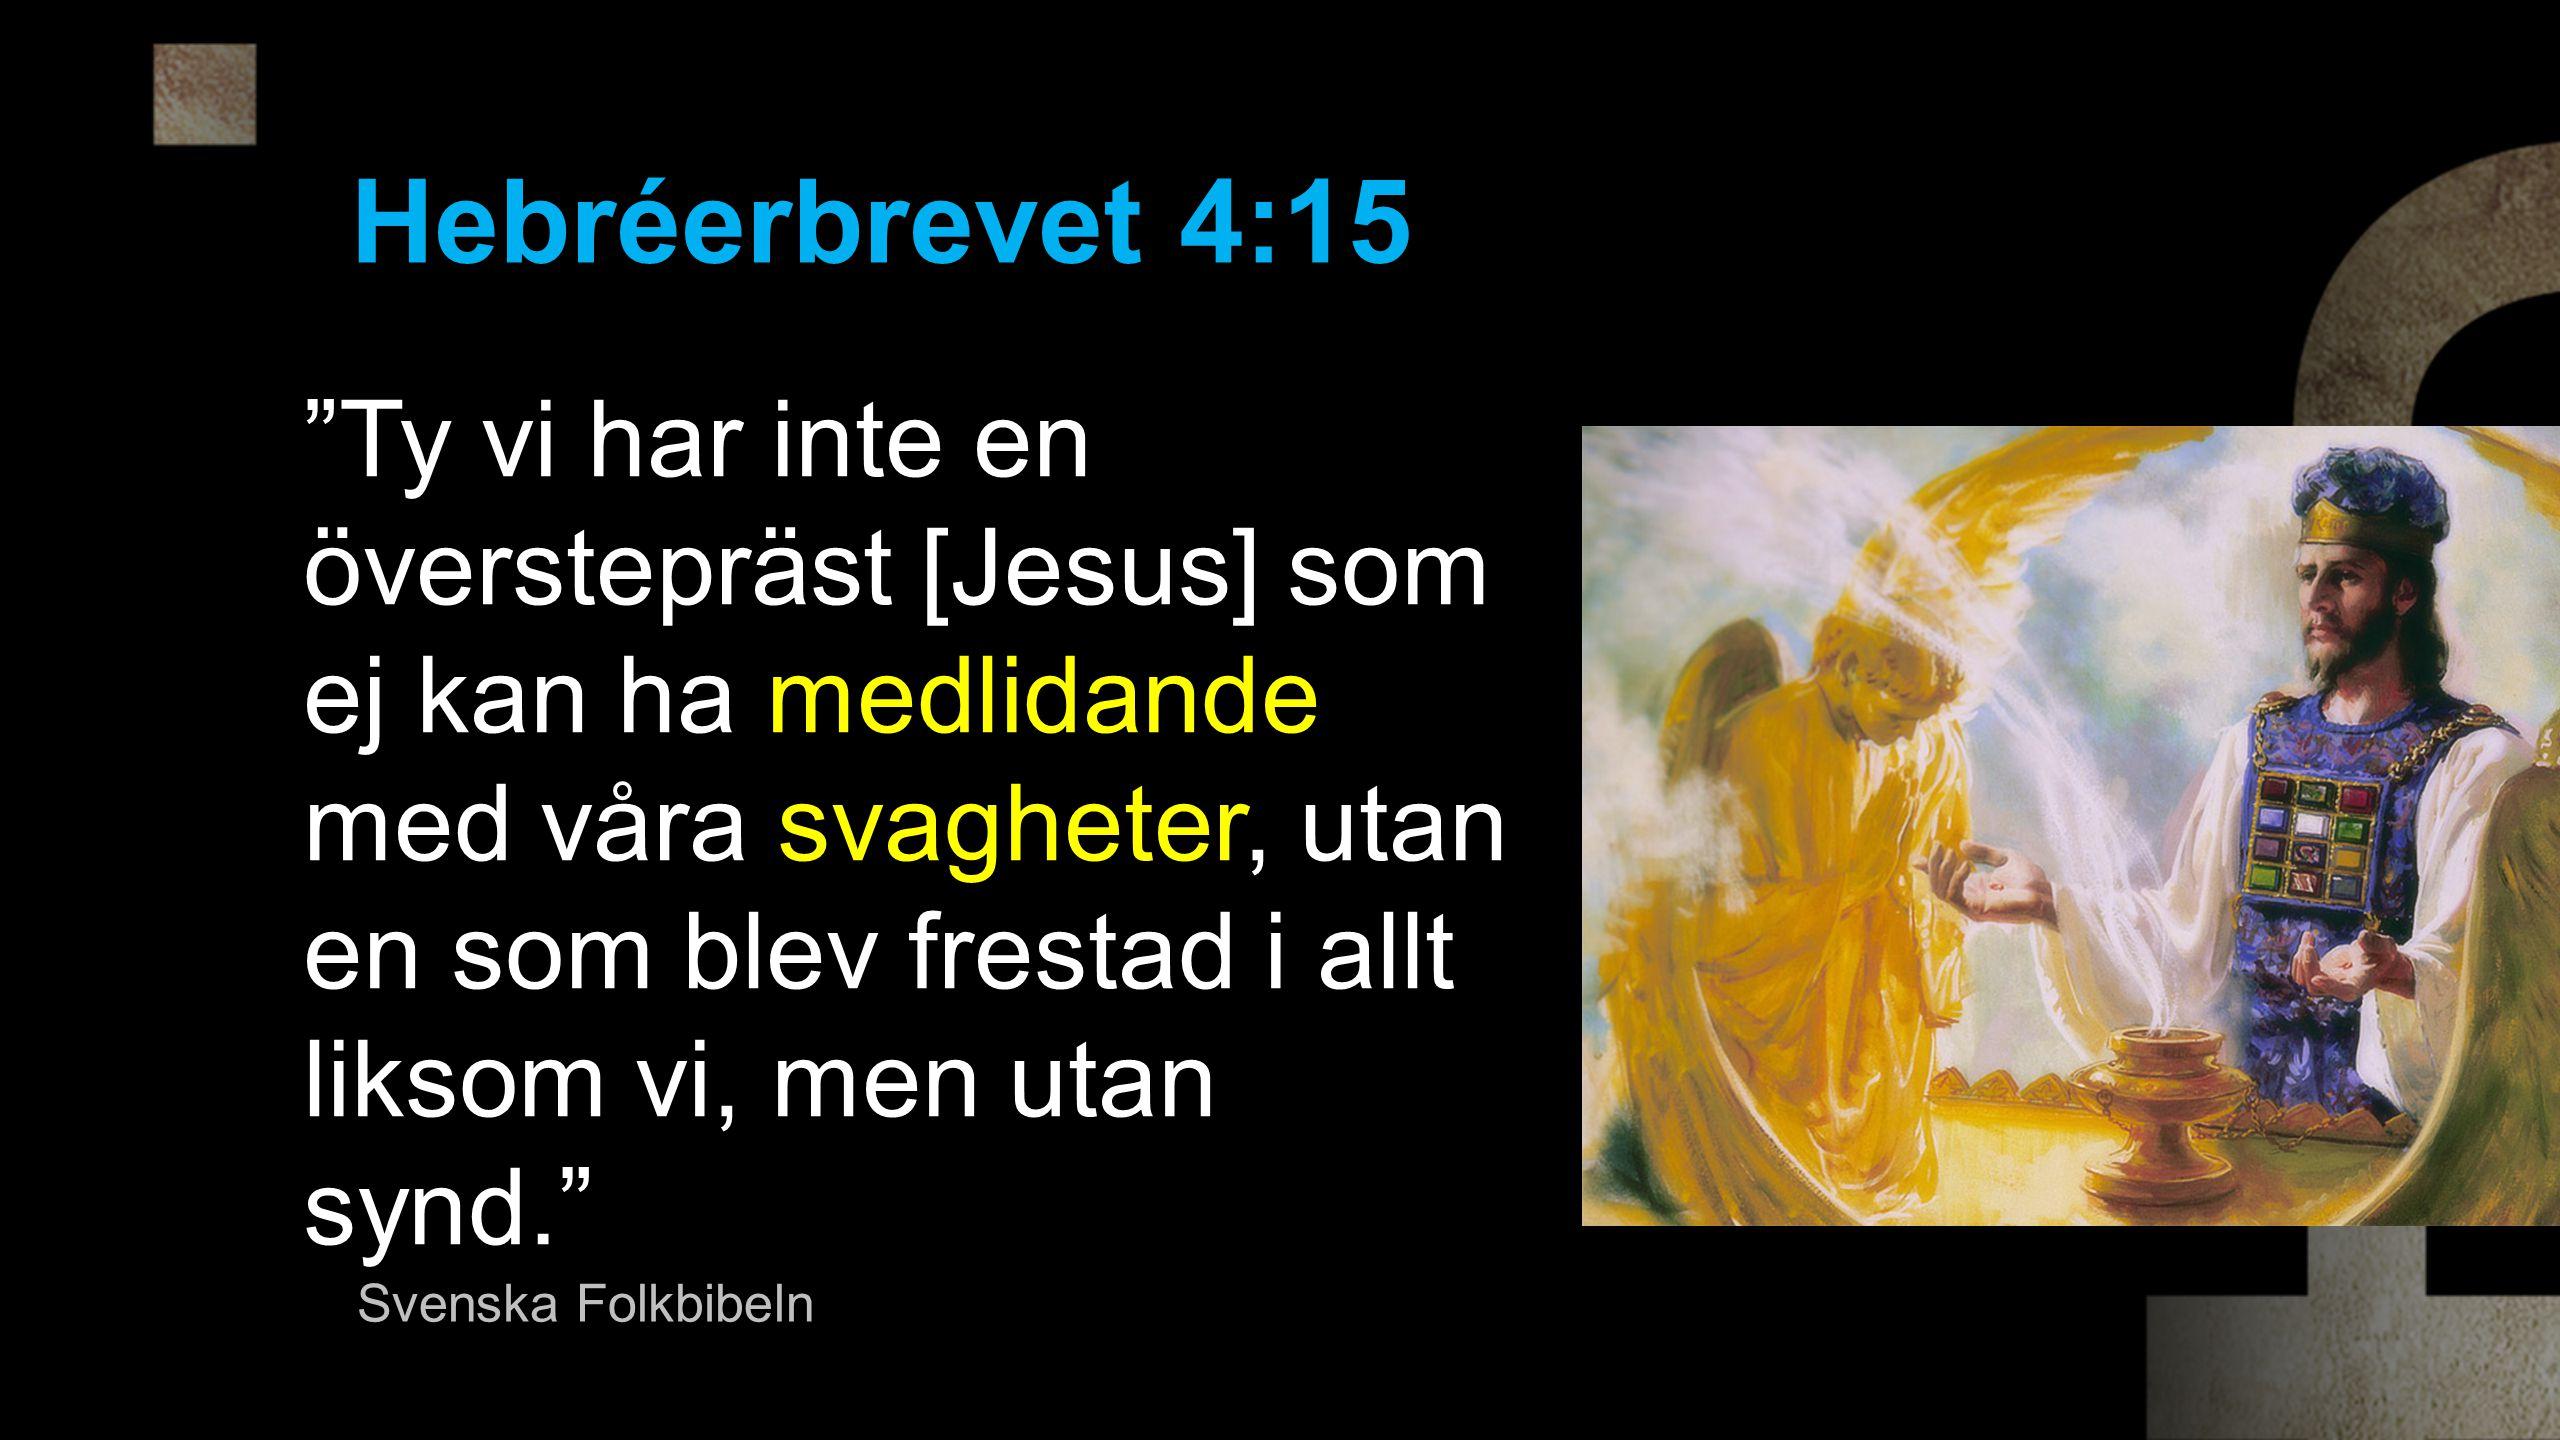 Ty vi har inte en överstepräst [Jesus] som ej kan ha medlidande med våra svagheter, utan en som blev frestad i allt liksom vi, men utan synd. Hebréerbrevet 4:15 Svenska Folkbibeln